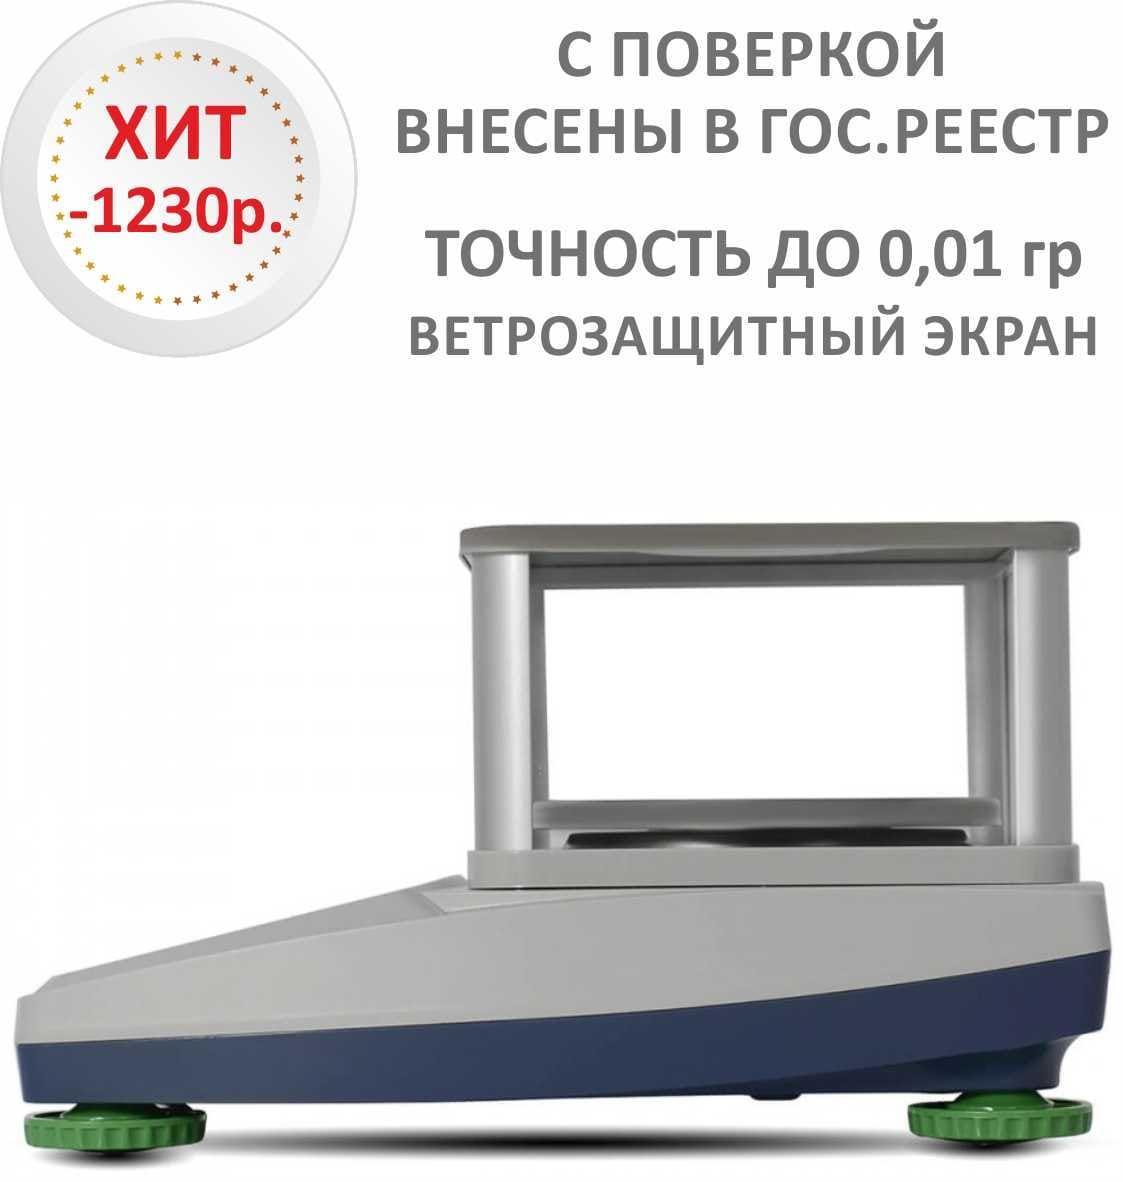 Весы лабораторные/аналитические M-ER 123 АCFJR-300.01 SENSOMATIC TFT RS232 и USB - вид сбоку